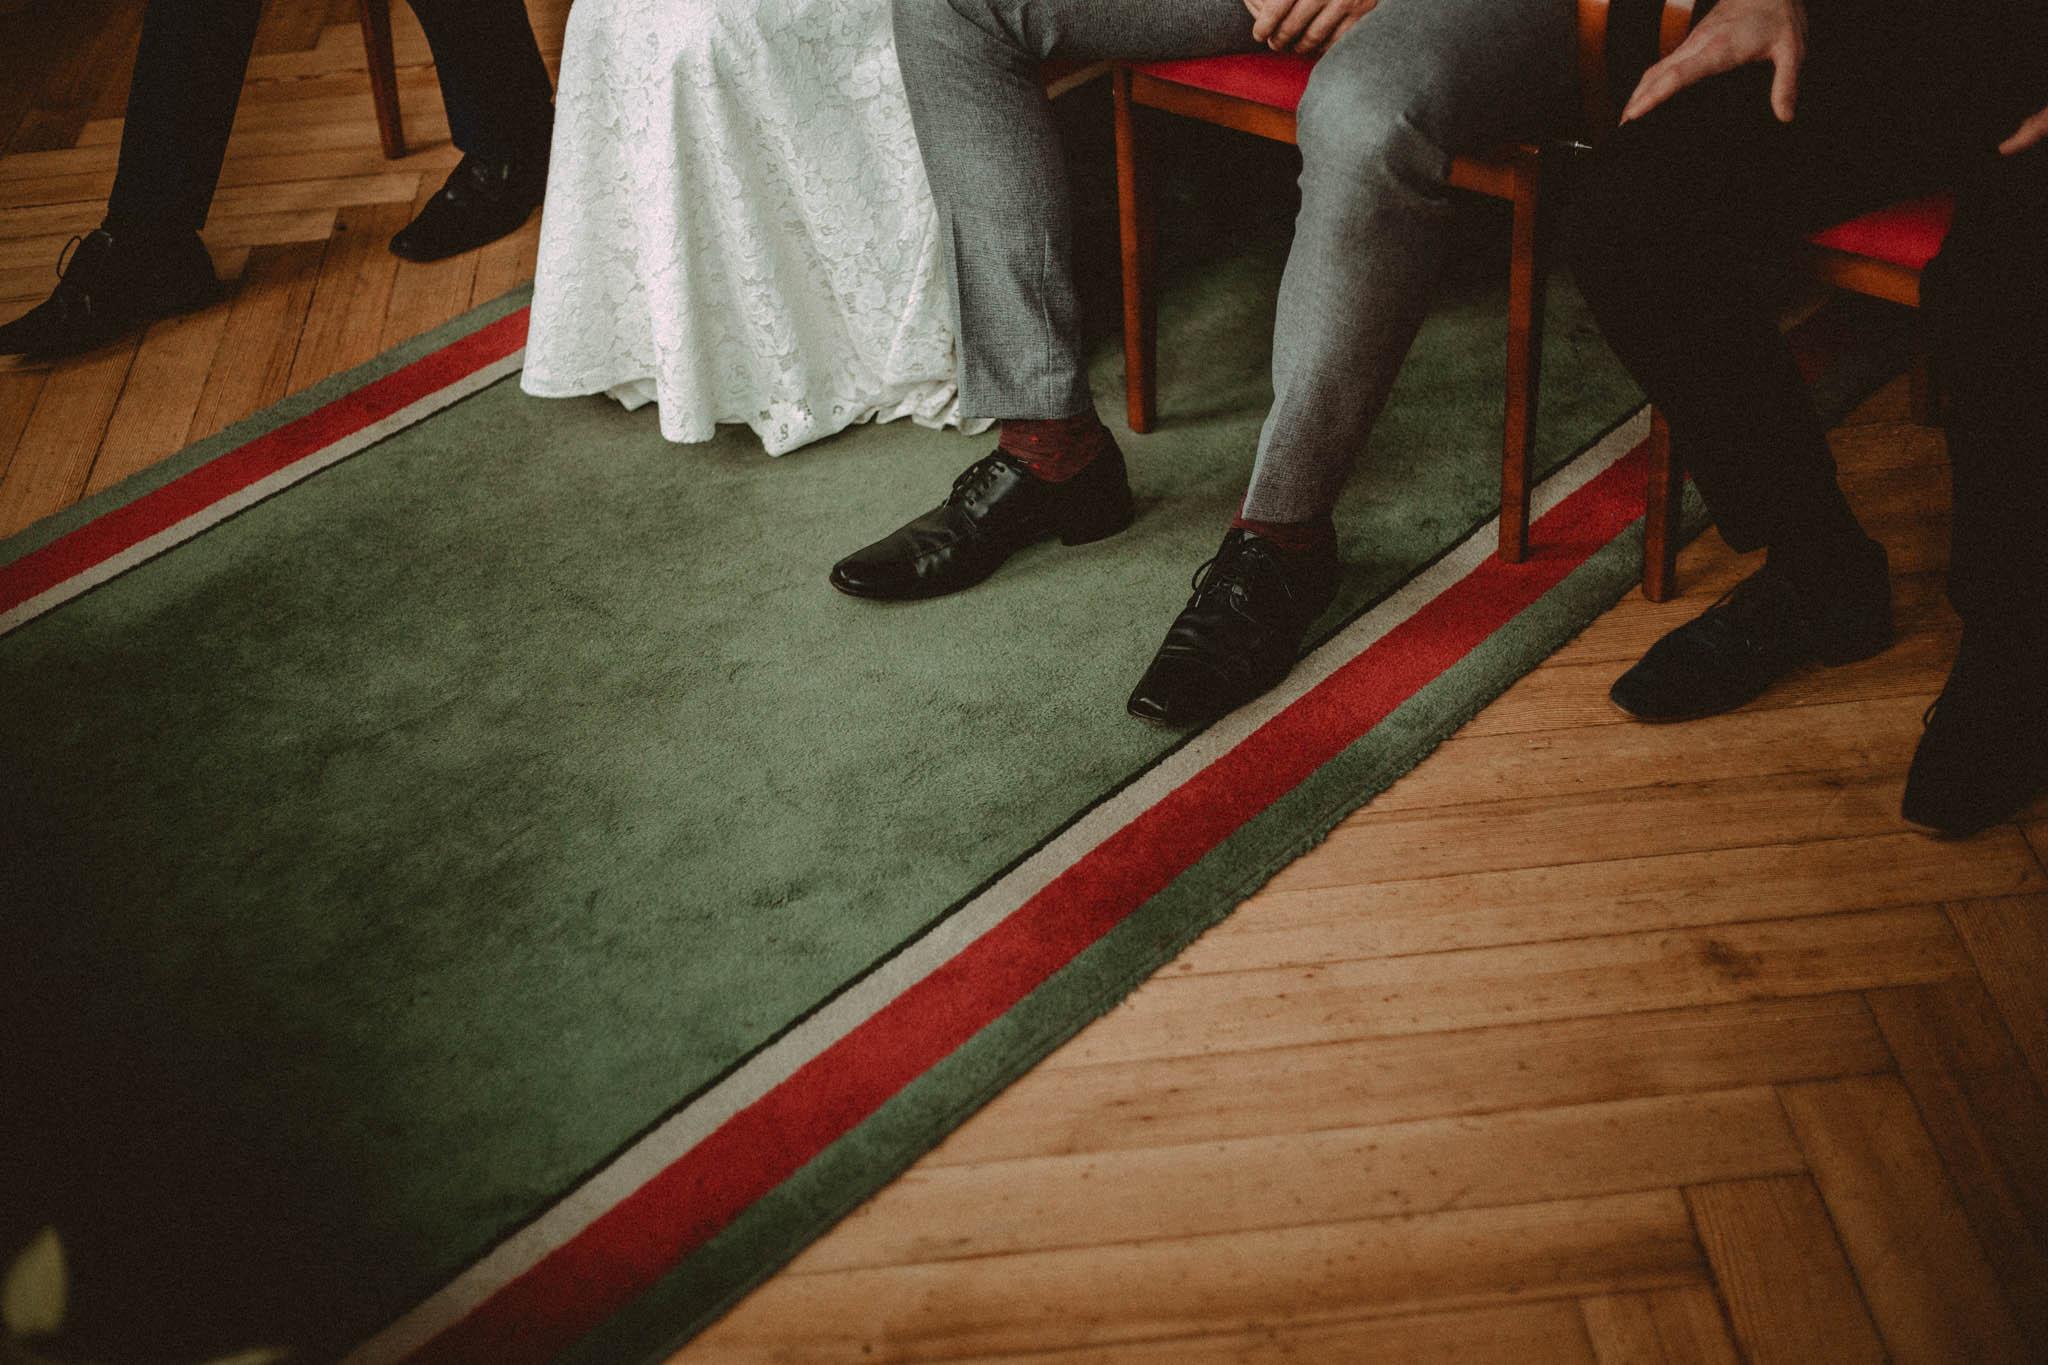 Hochzeit_in_Fabrik23_nhow_6844